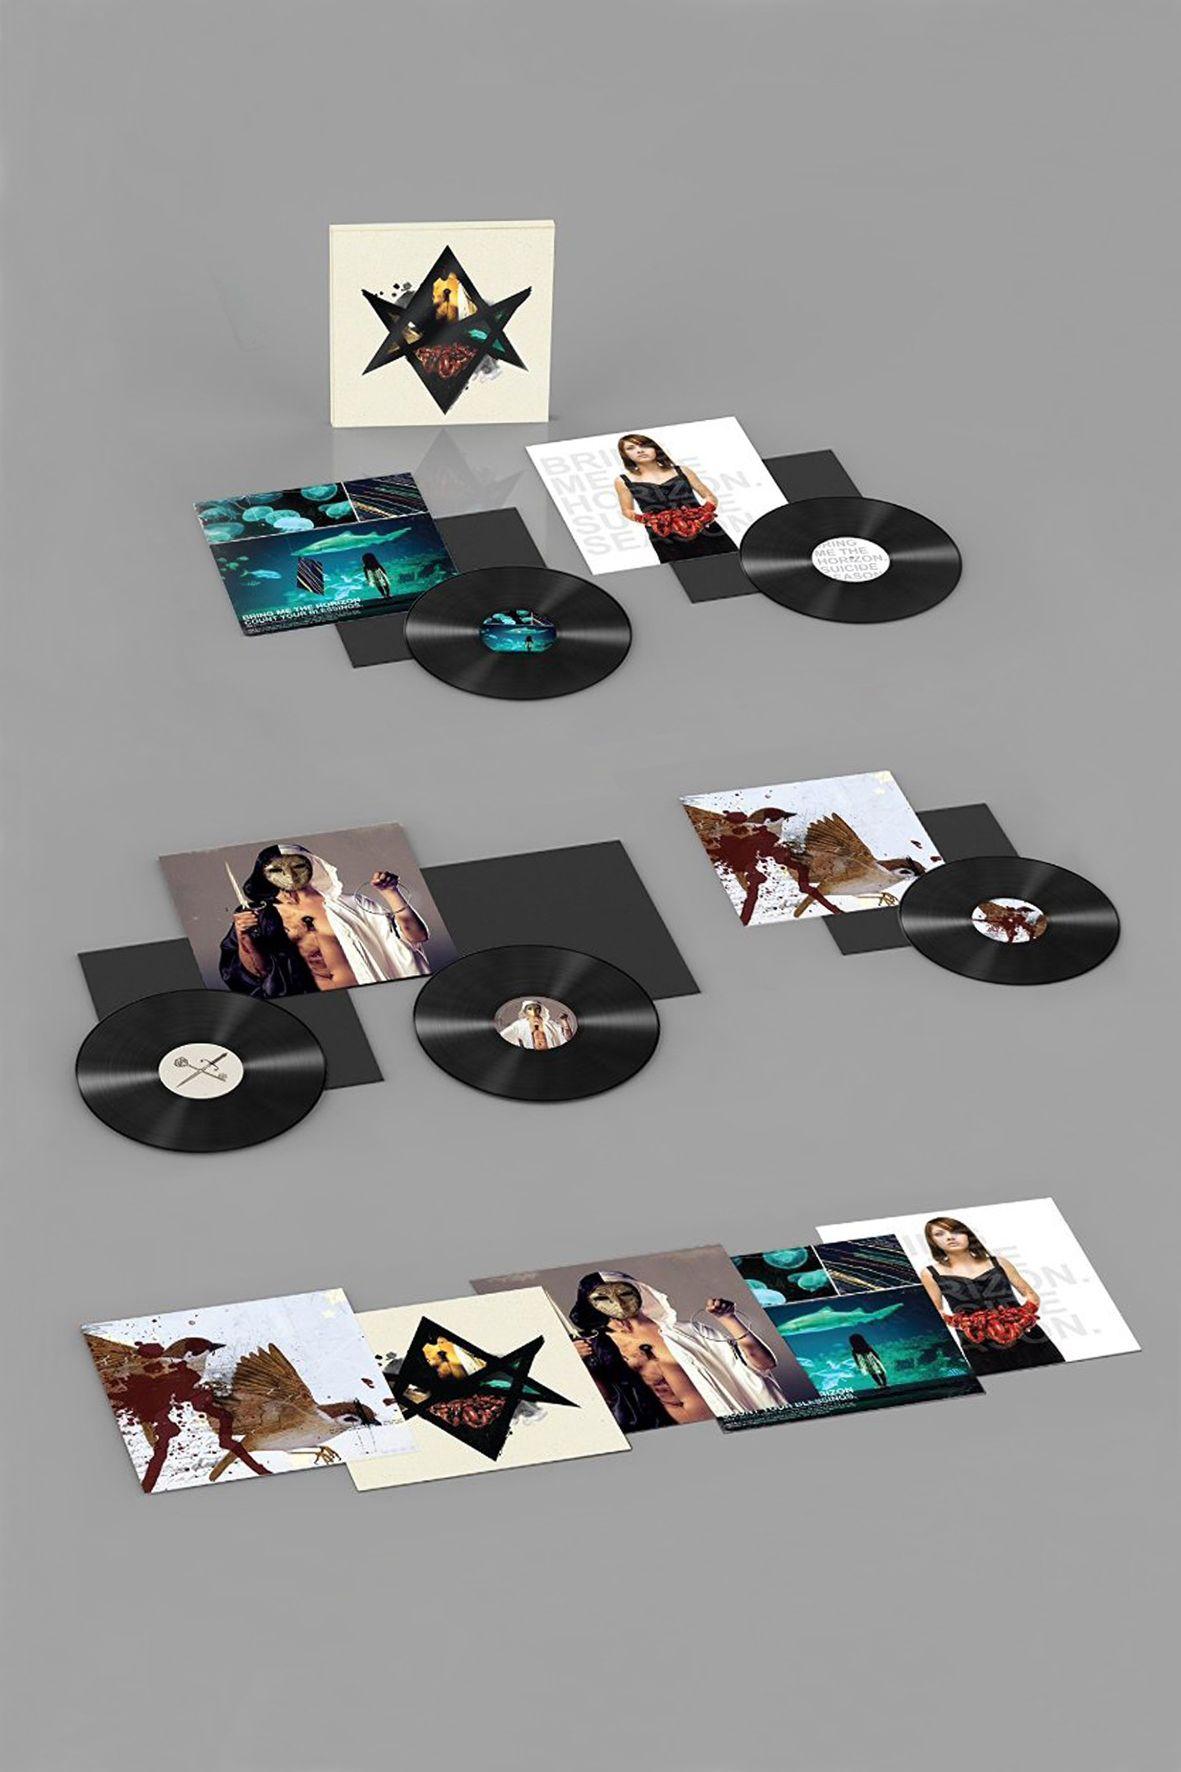 Bring Me The Horizon - Limited Edition (Vinyl Box Set) - (BMTH Schallplatte)